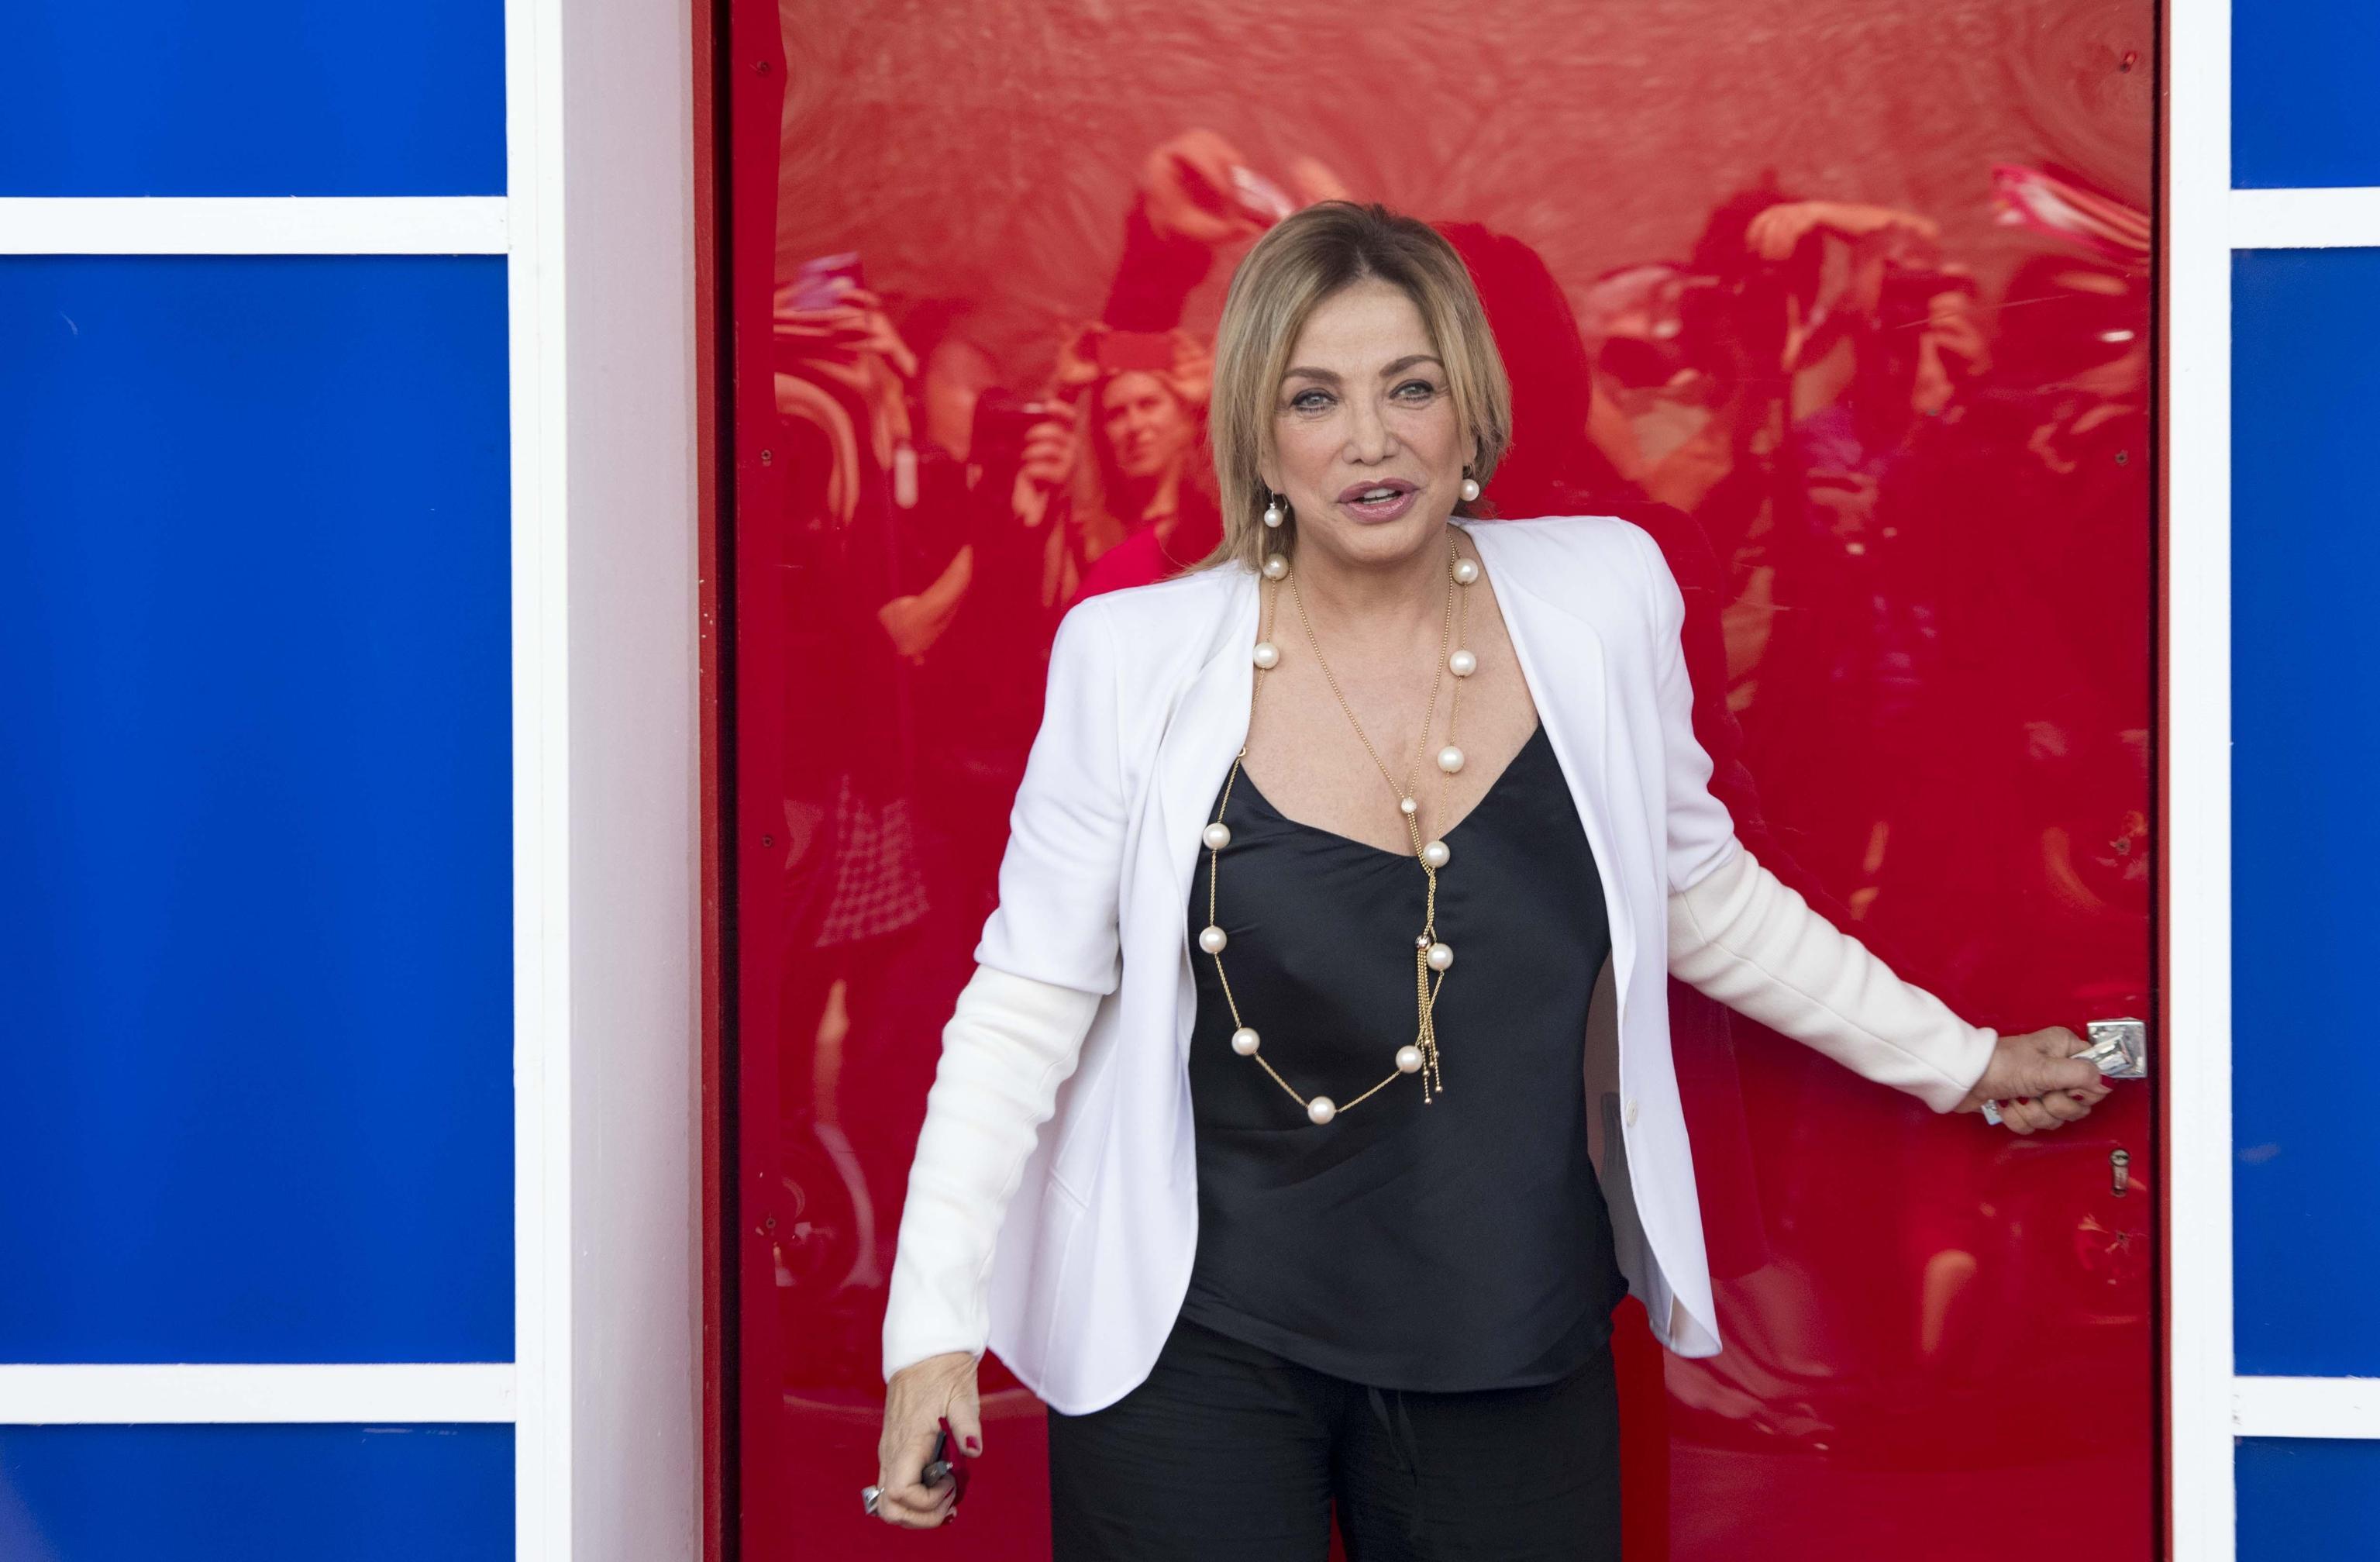 Simona Izzo fuori dal Gf per colpa di Mara Venier?